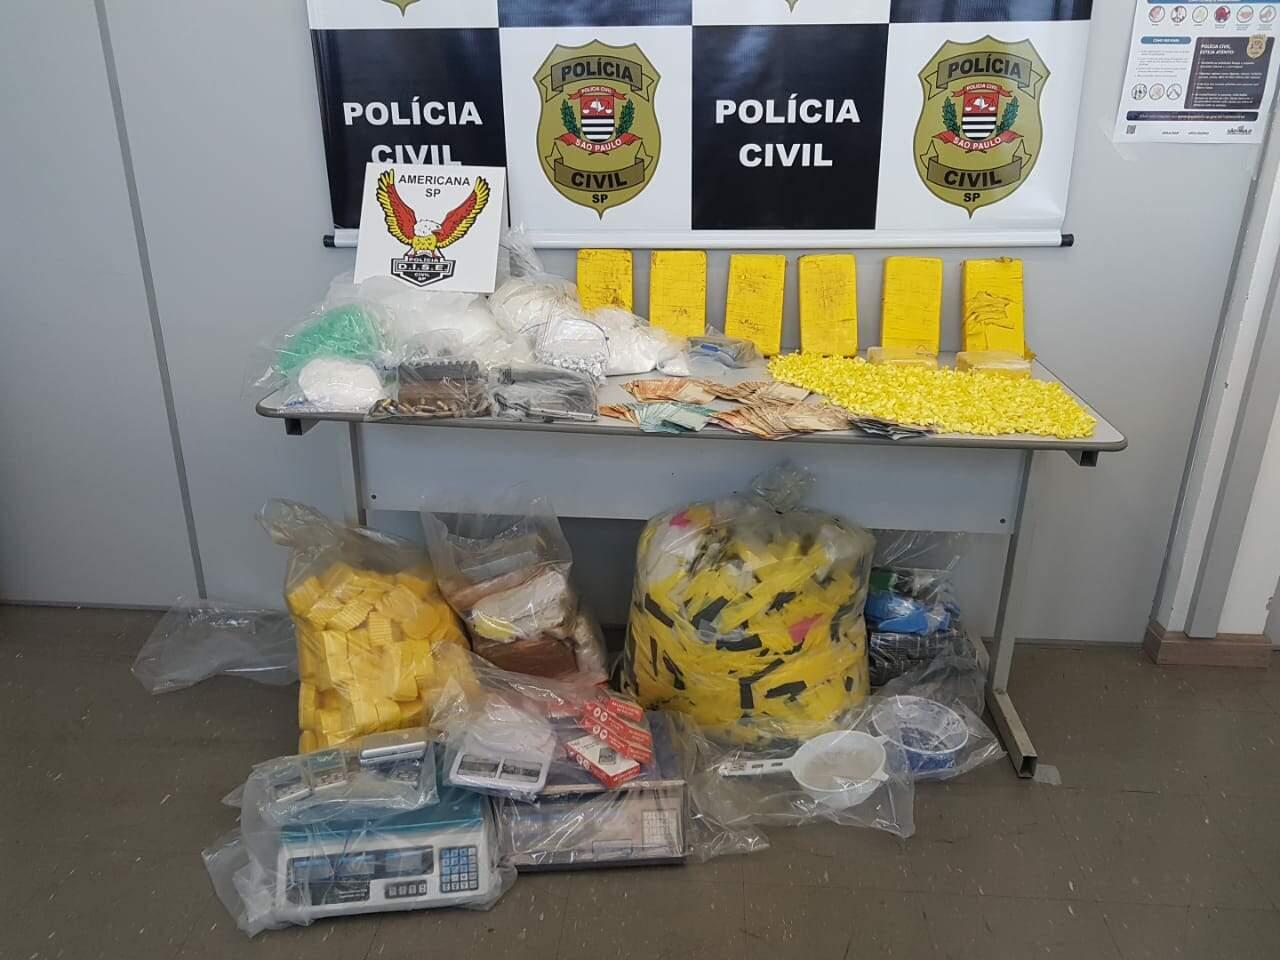 Cinco são acusados por tráfico no bairro Jardim das Flores